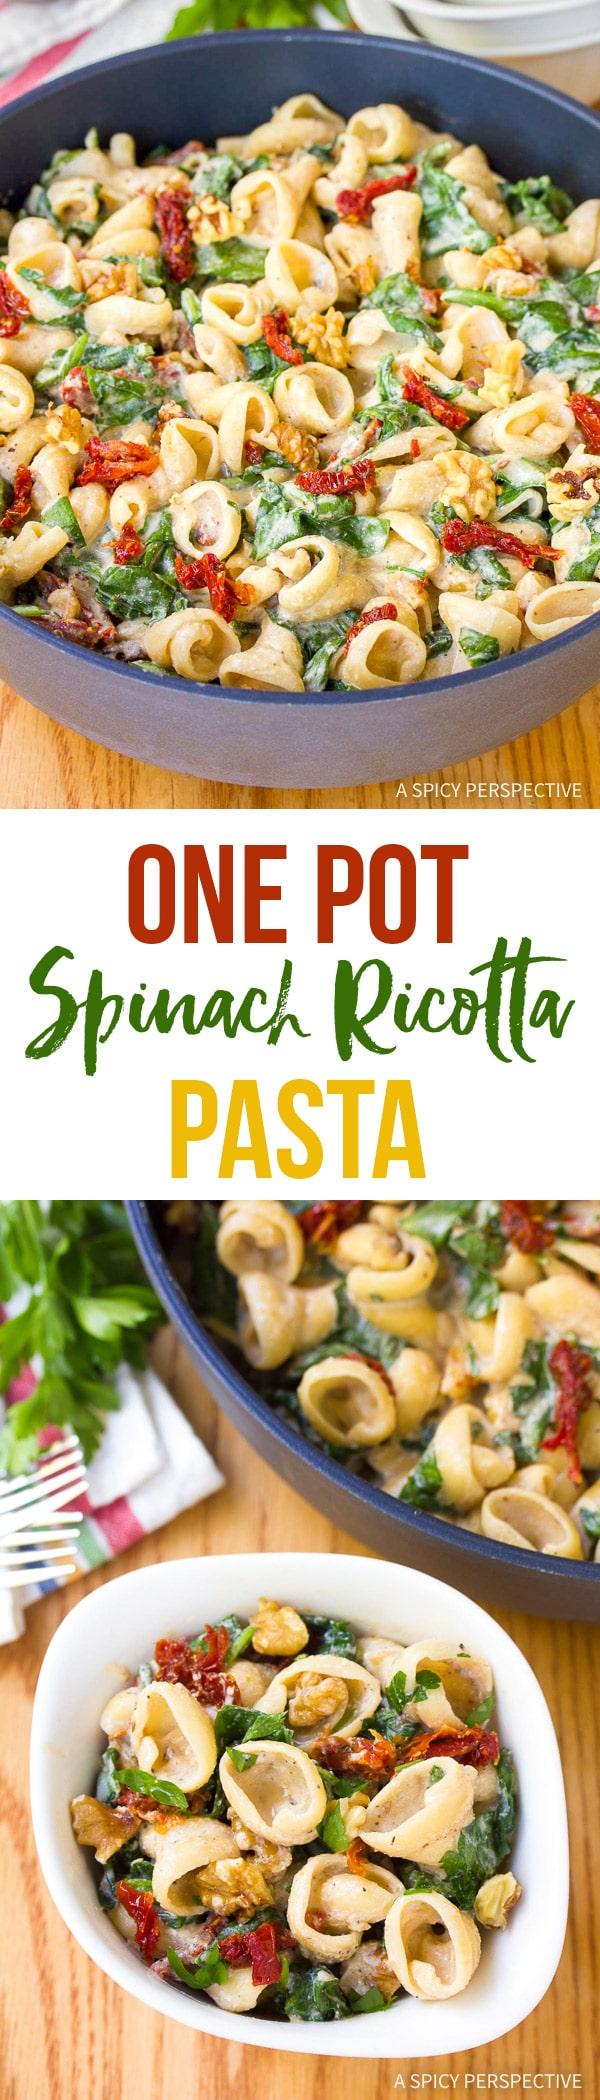 Creamy One-Pot Spinach Ricotta Pasta Recipe